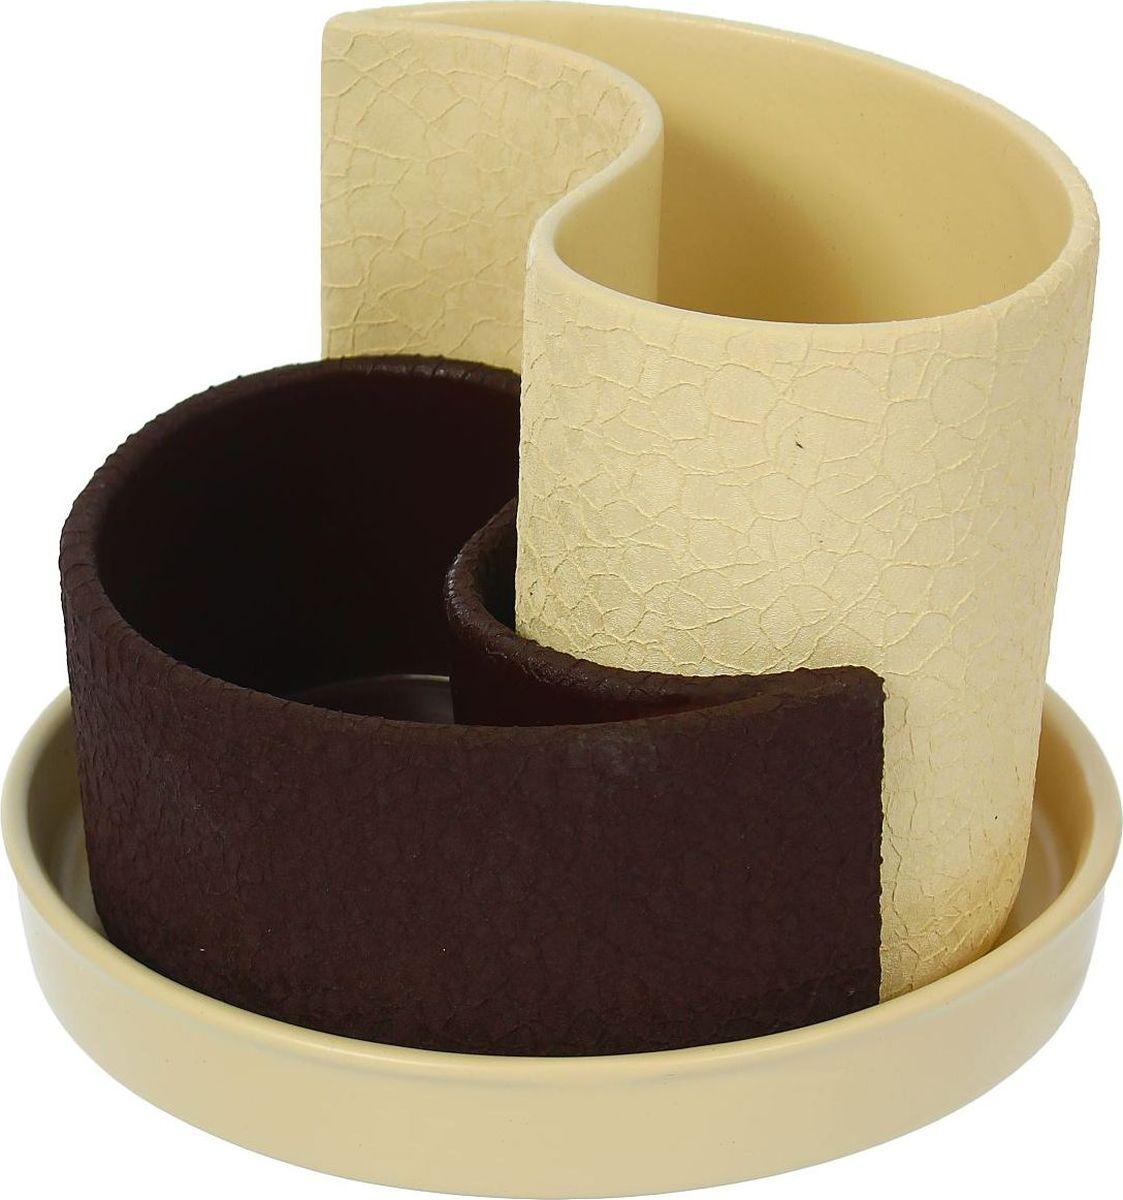 Набор кашпо Керамика ручной работы Капля, цвет: бежевый, шоколадный, 2 предмета531-401Горшок Капля 0,7л,1,3л Шелк бежево-шоколадный 1309273